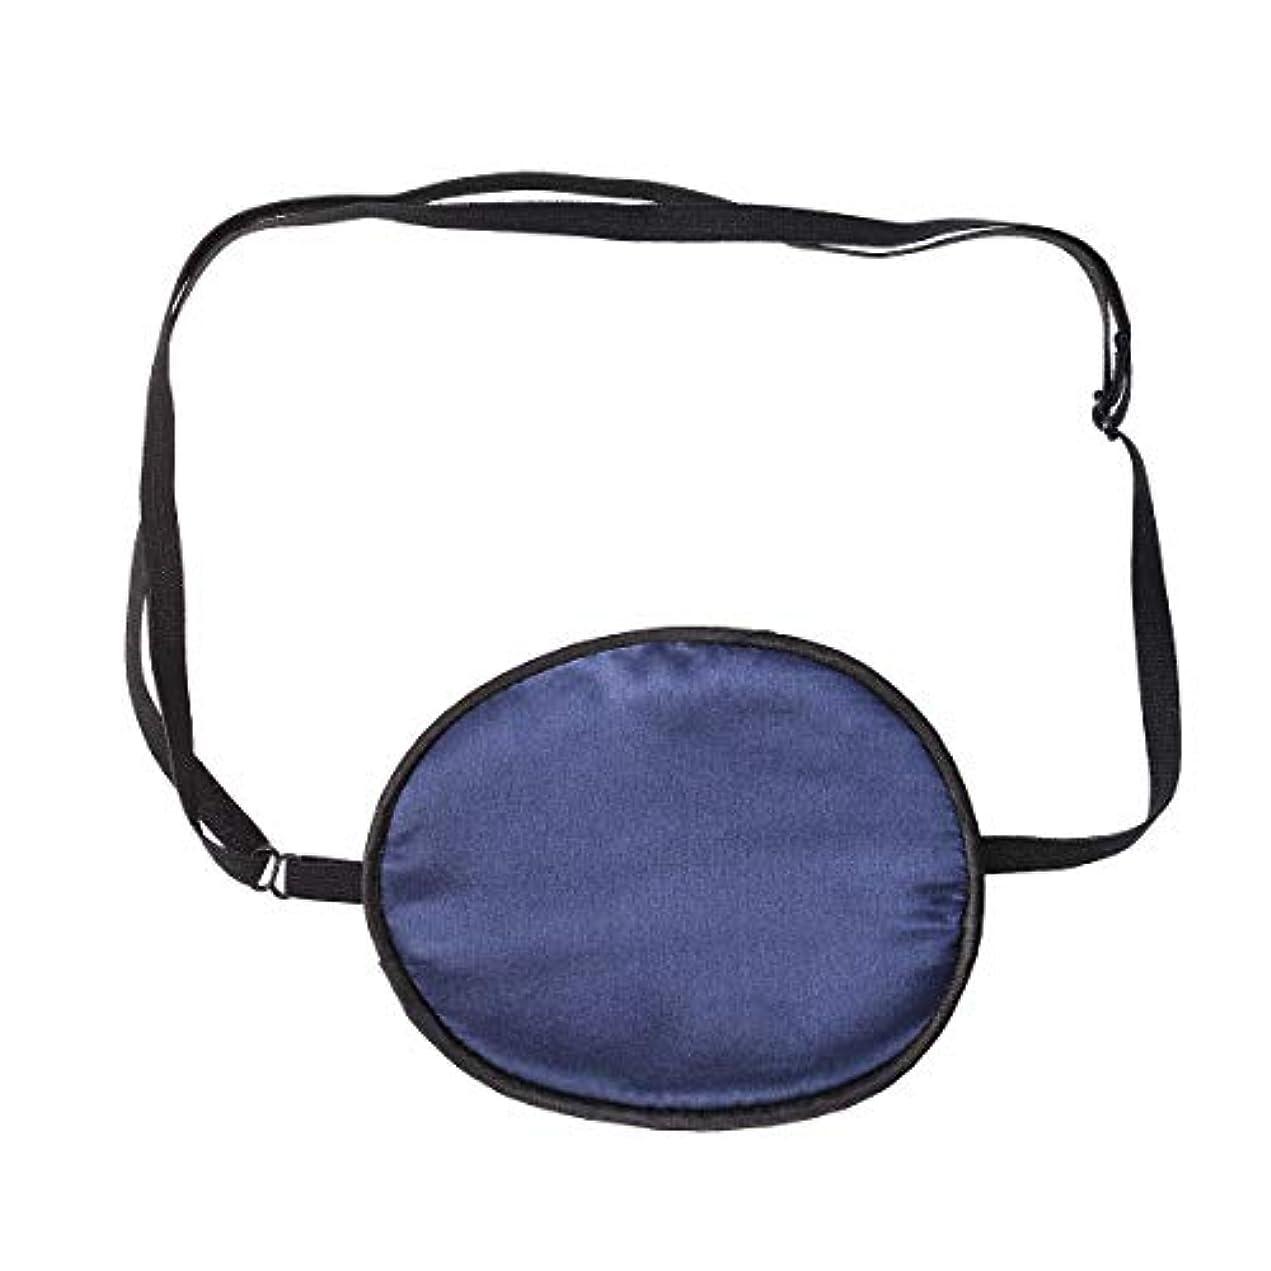 サロン石油キリスト教Healifty 弱視斜視用のアイパッチシングルアイマスク調節可能なアイカバー